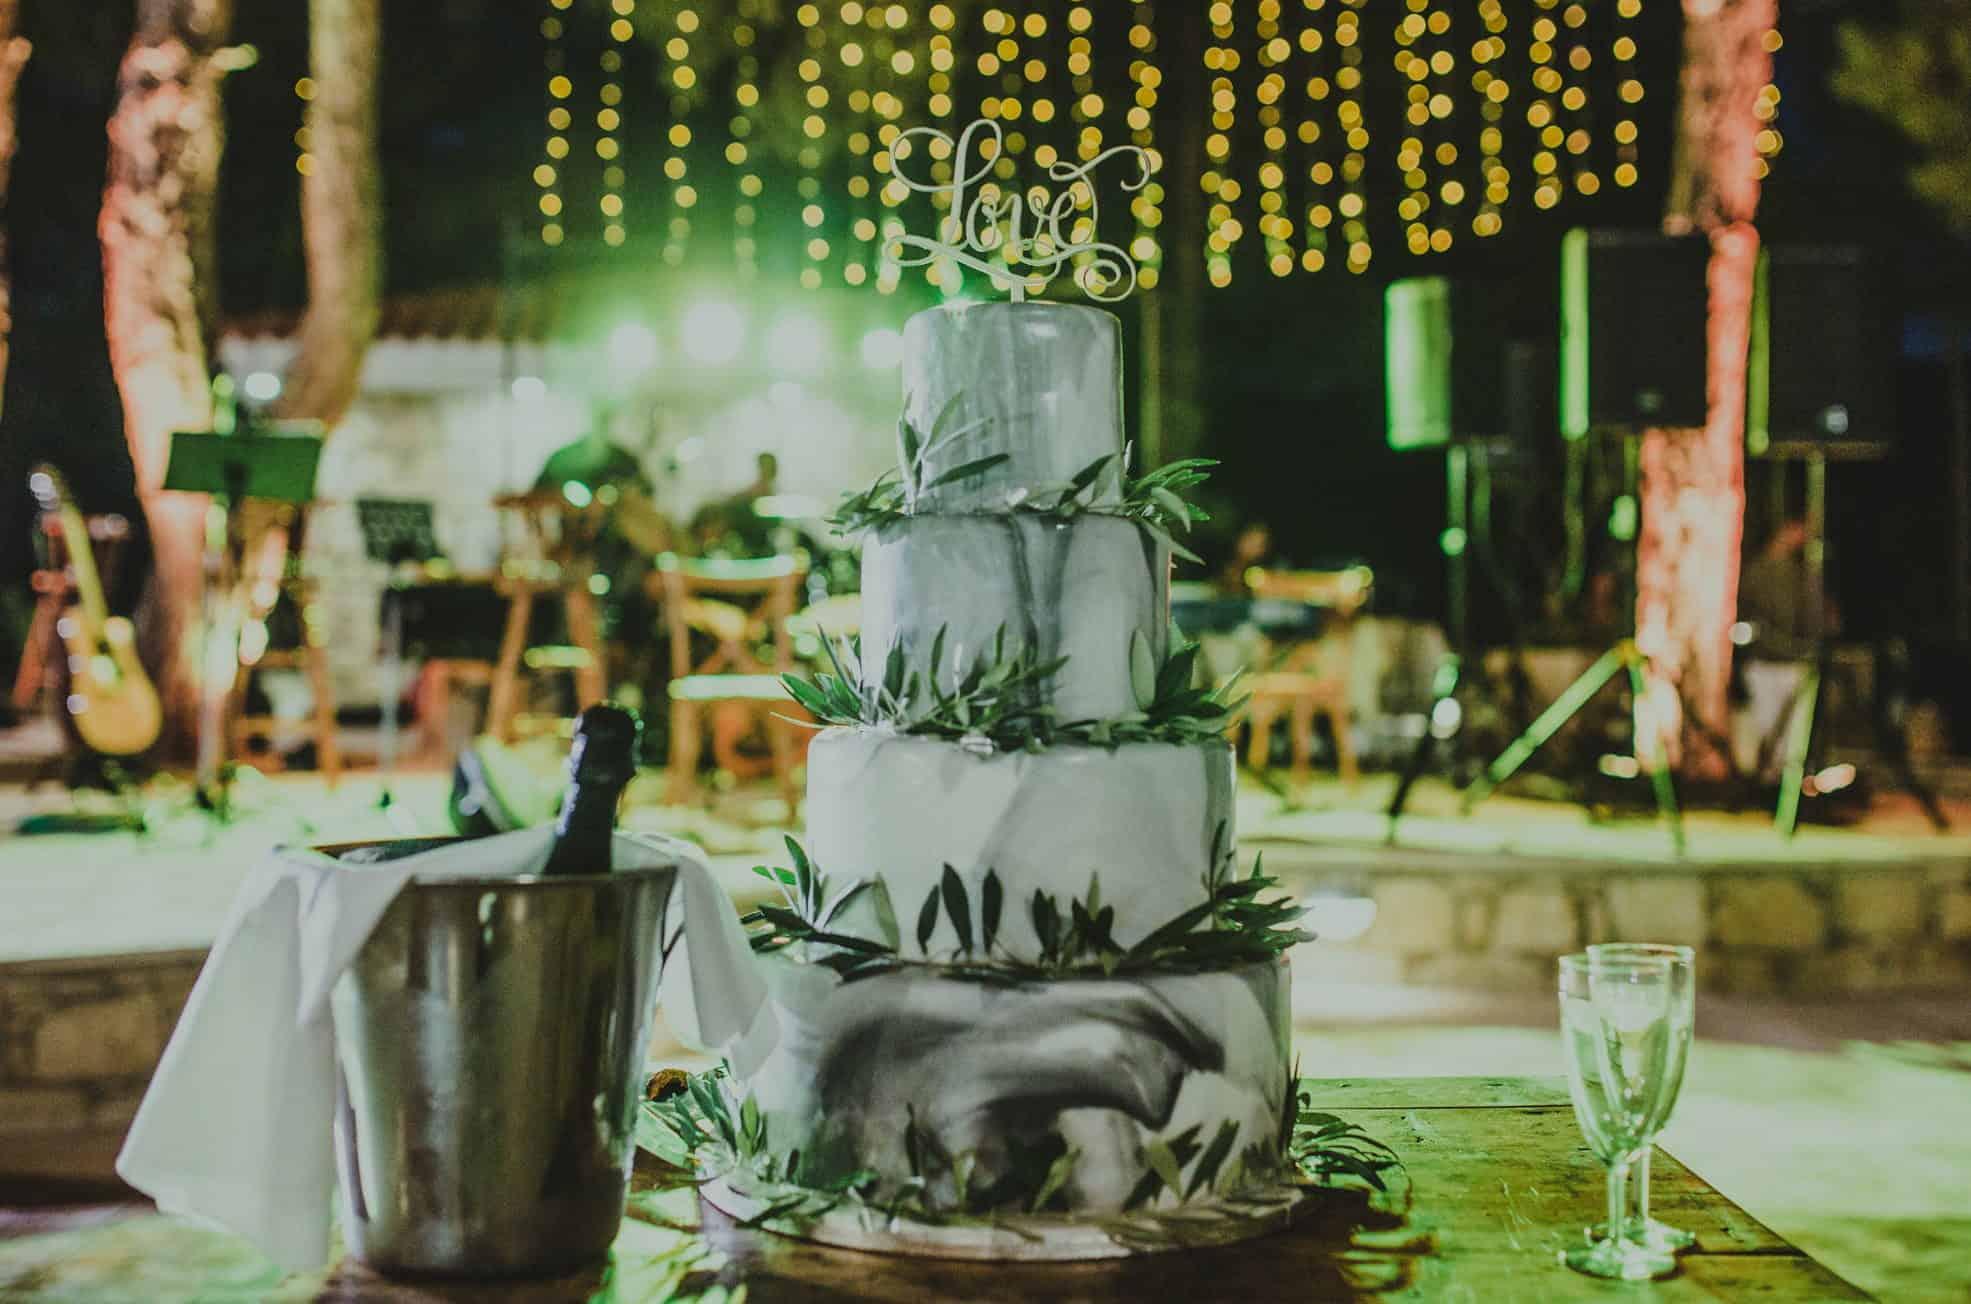 γαμήλια τούρτα με λεπτομέρια από φύλλα ελιάς